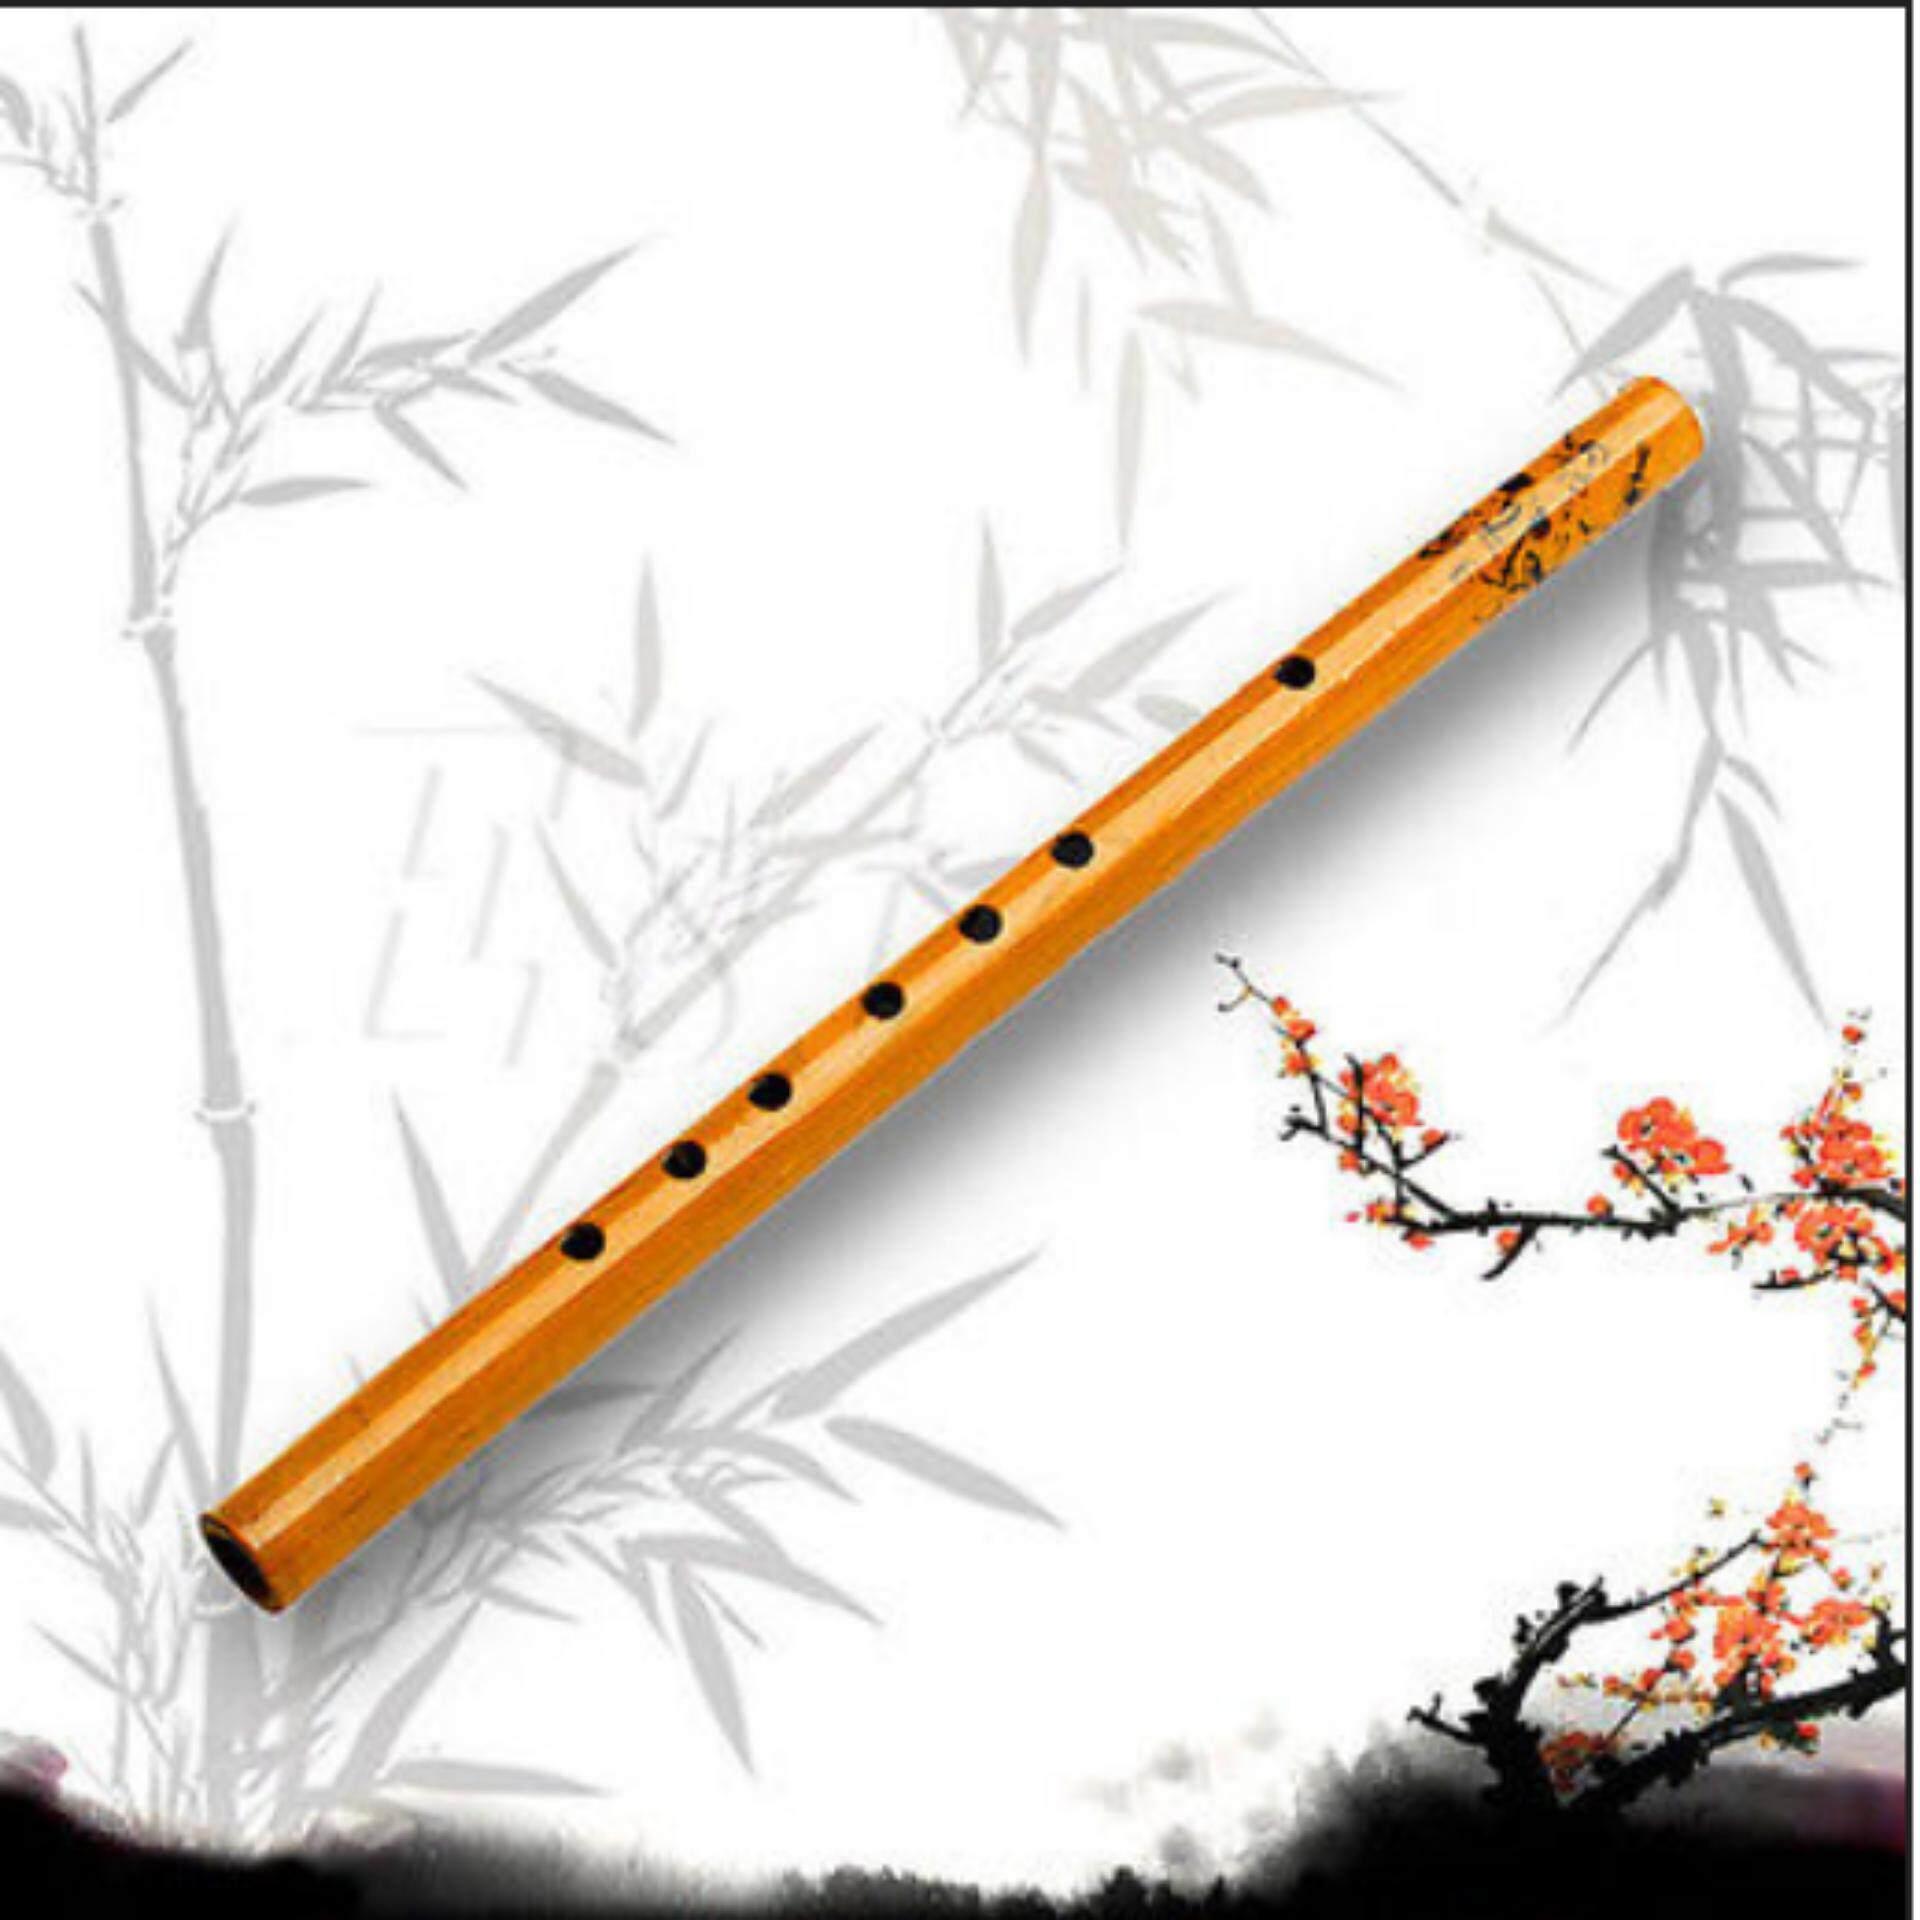 จีนเครื่องดนตรีโบราณยาวขลุ่ยไม้ไผ่ G Key Dizi ทำด้วยมือ - Intl.